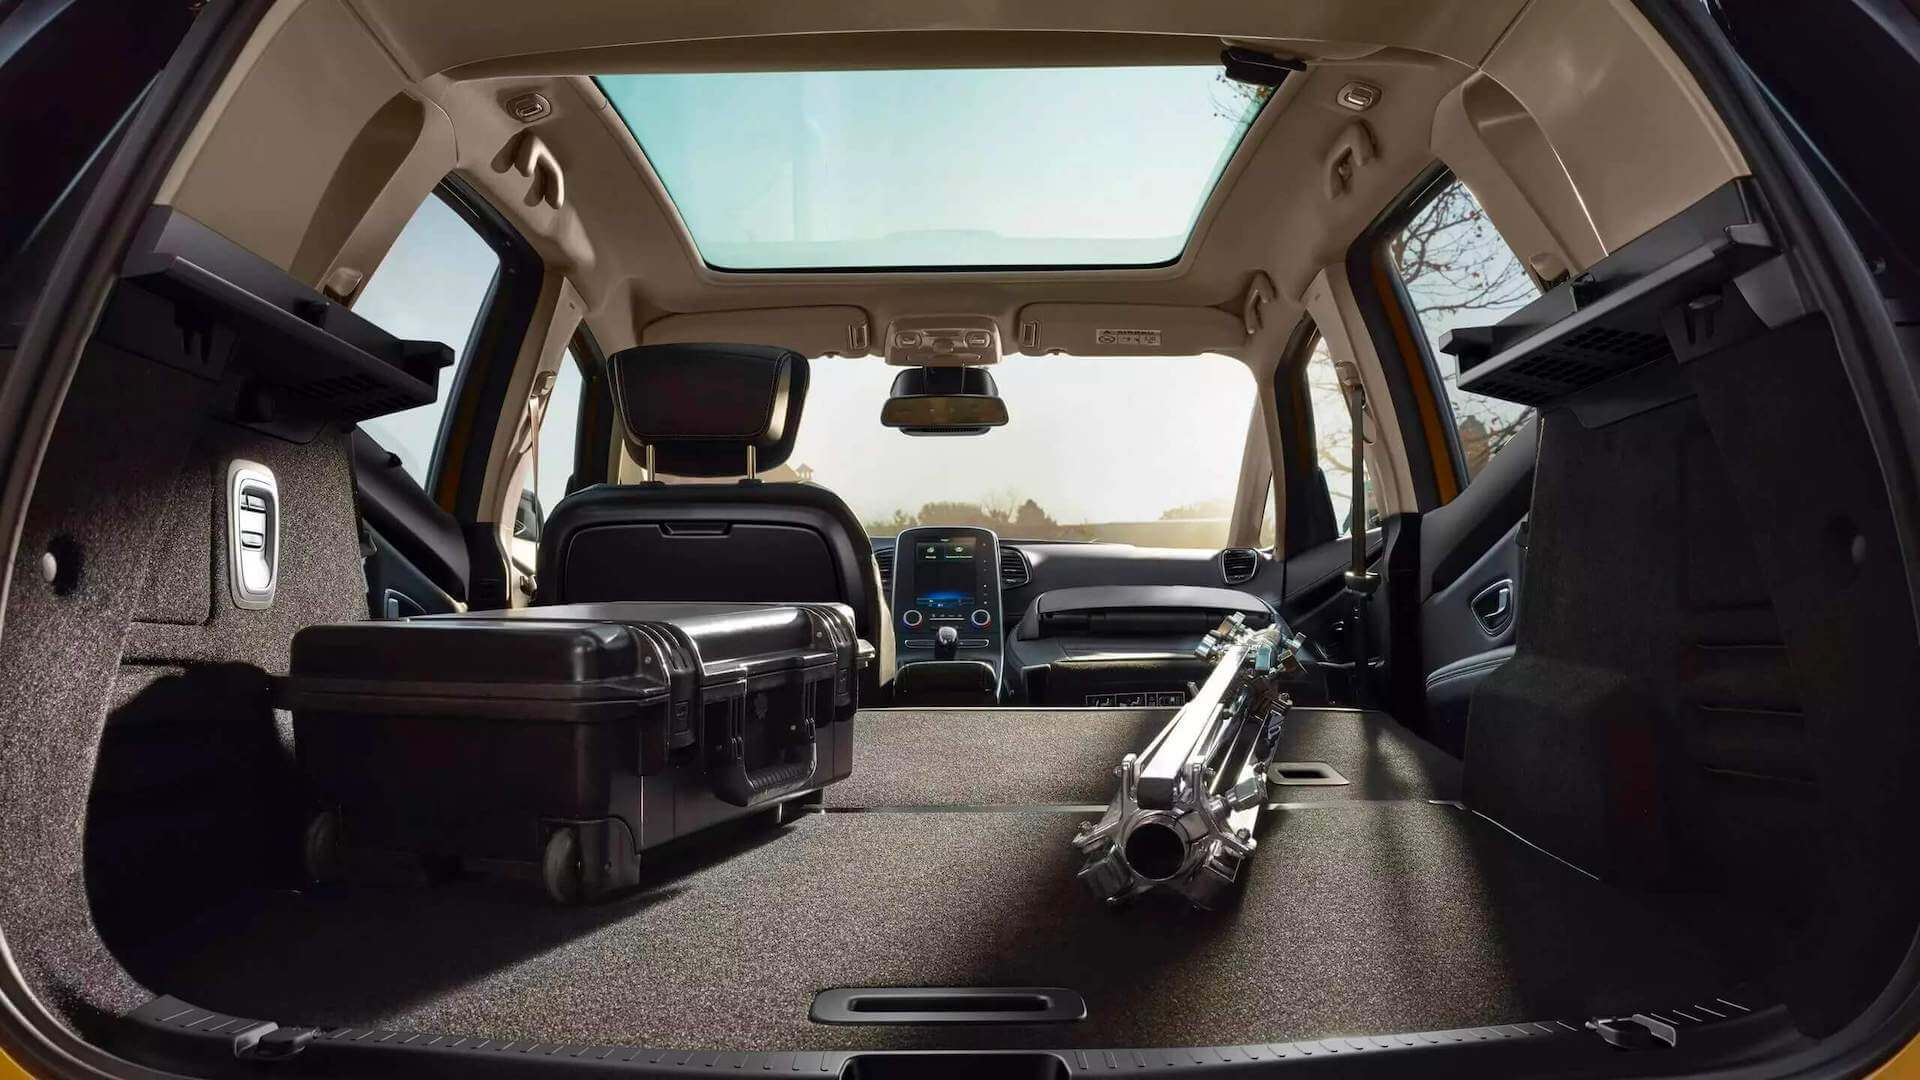 Kofferraum - Stauraum vom Auto - Renault Scenic - Renault Ahrens Hannover